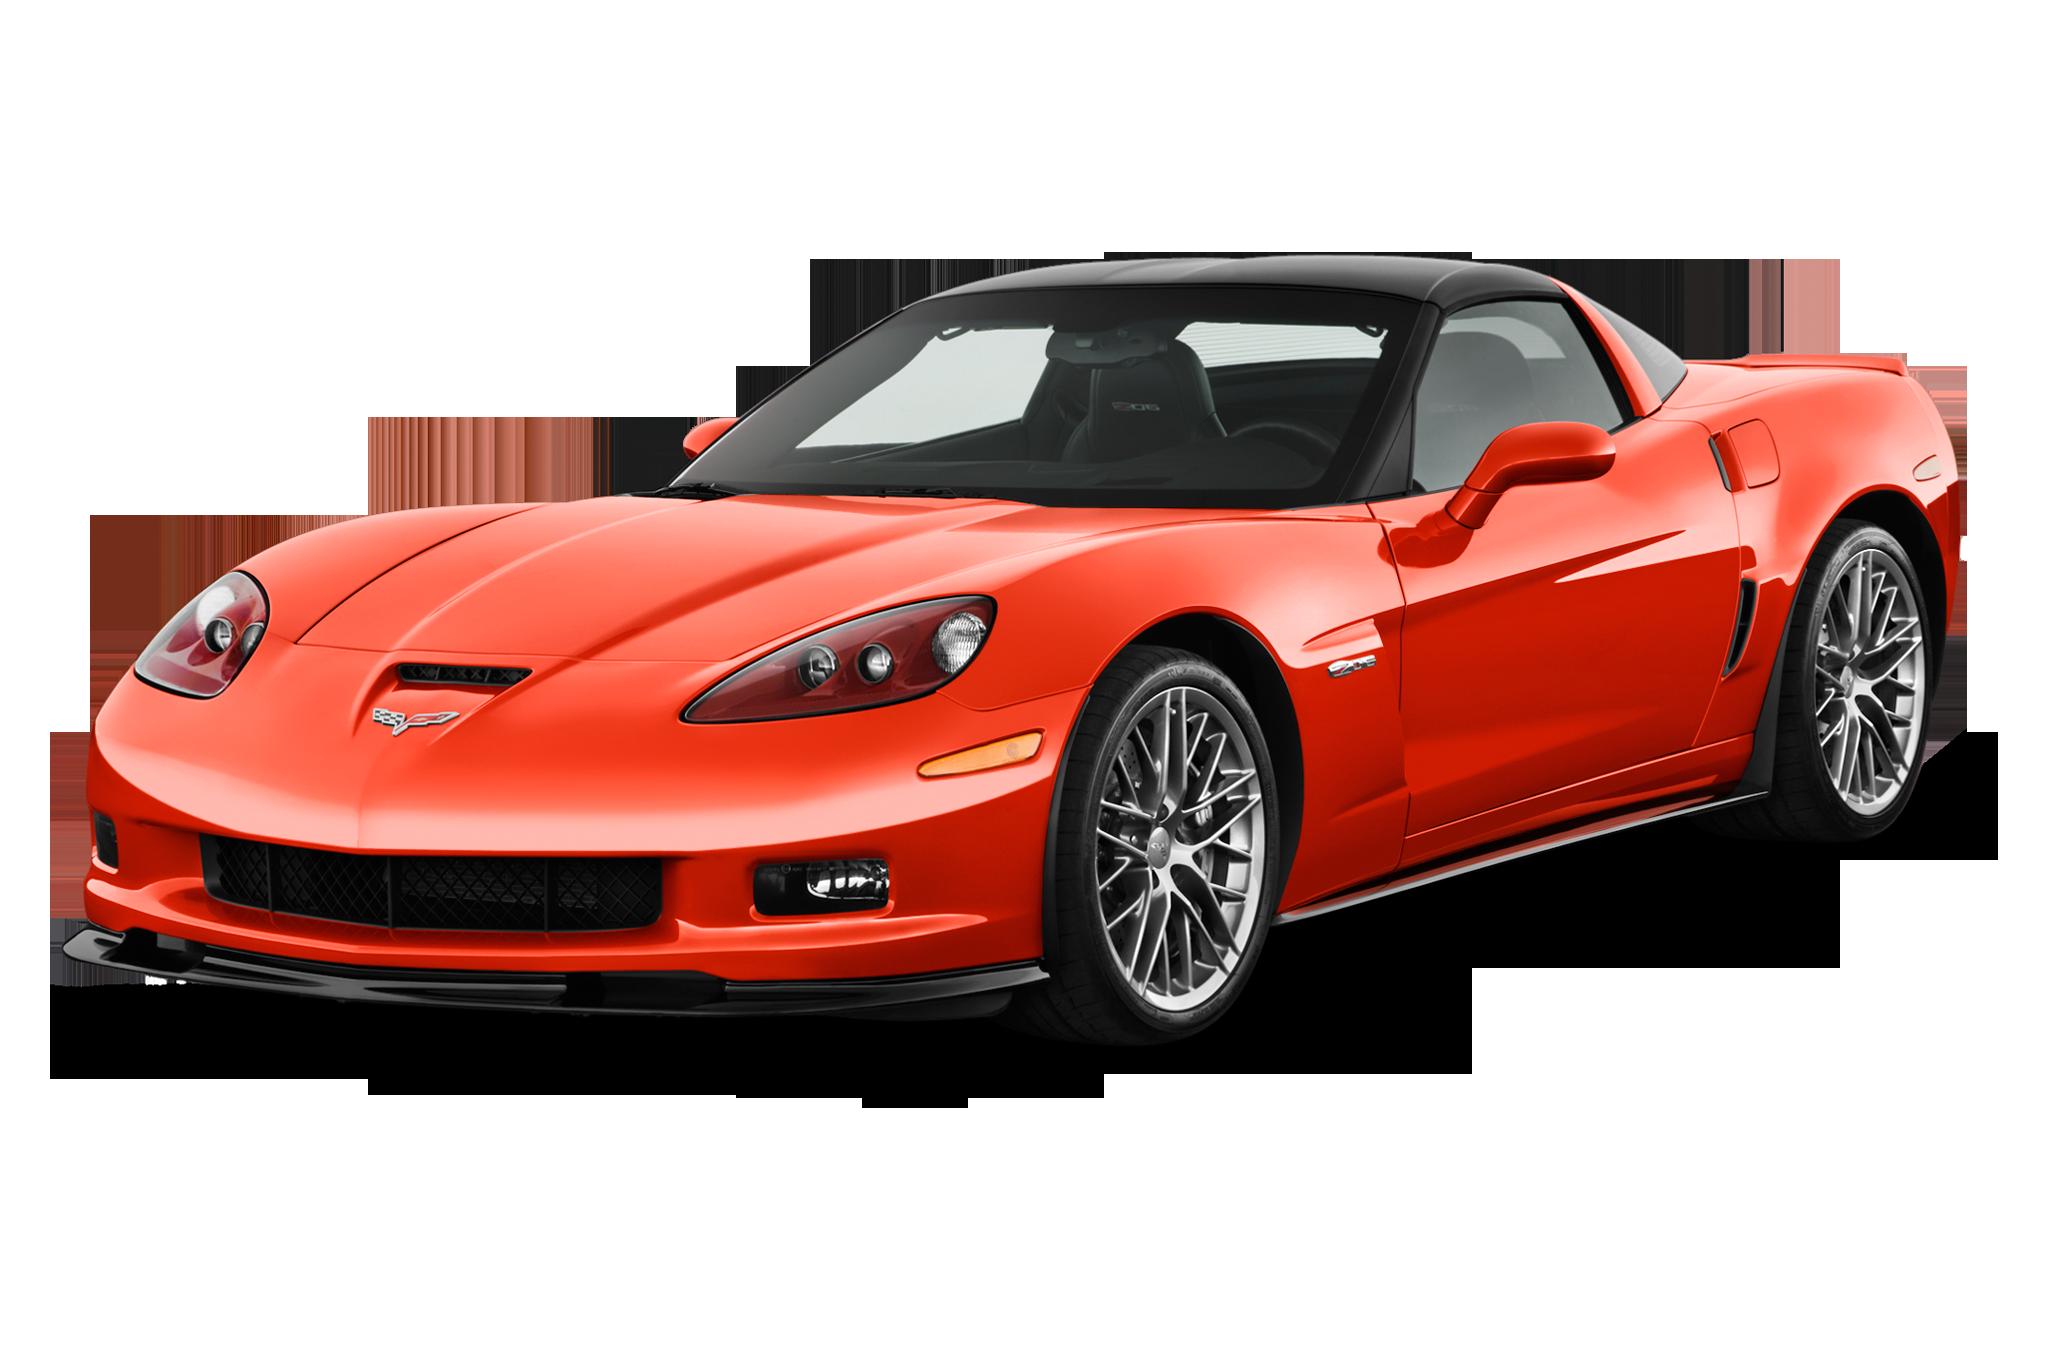 Chevrolet Corvette Png Image Chevrolet Corvette Chevrolet Corvette